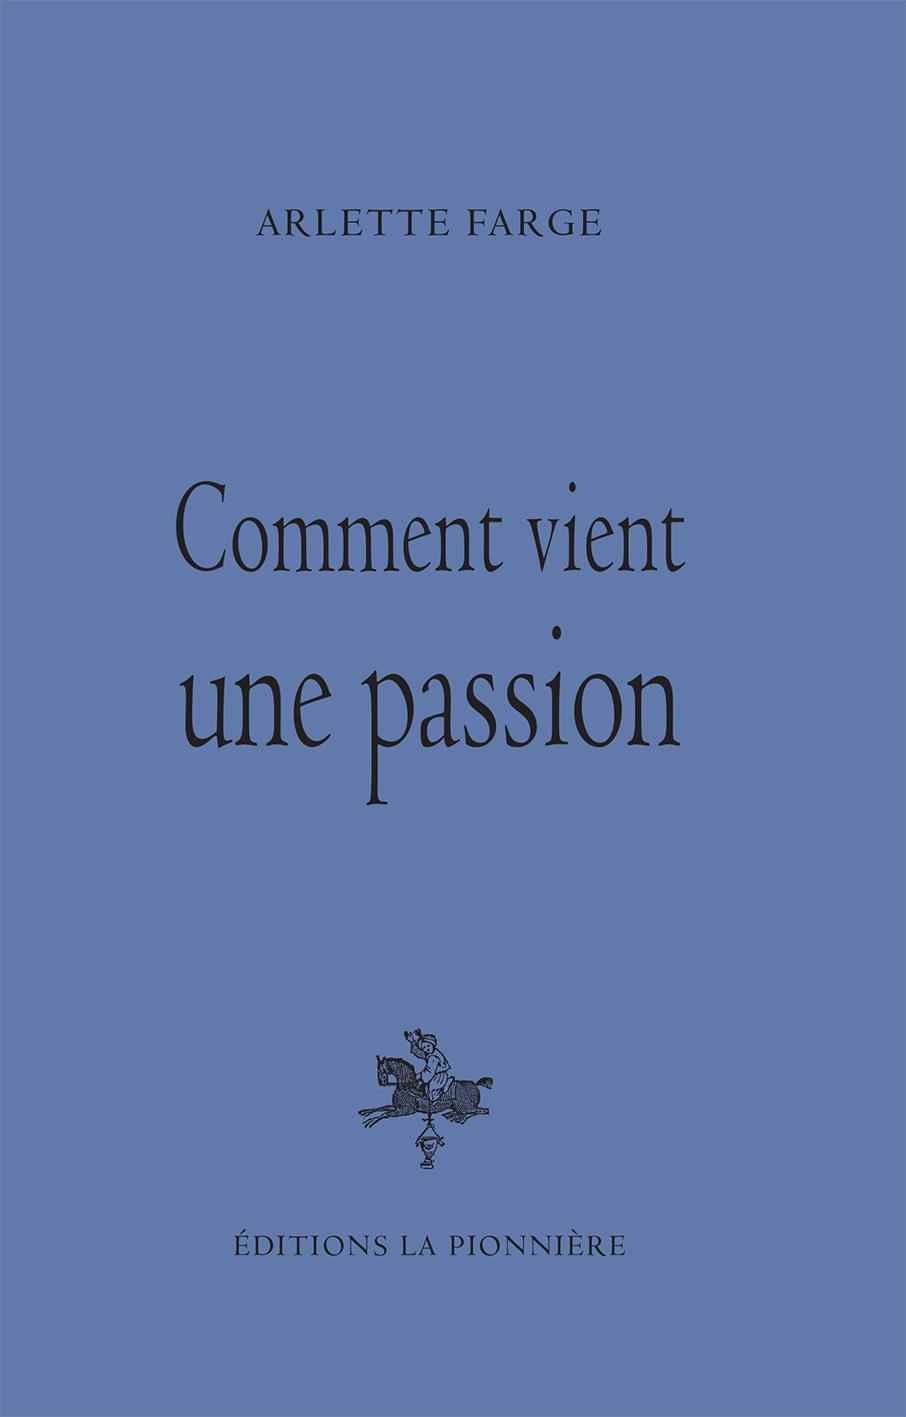 Comment vint une passion. Livre de Arlette Farge. Editions La PIonnière 2016